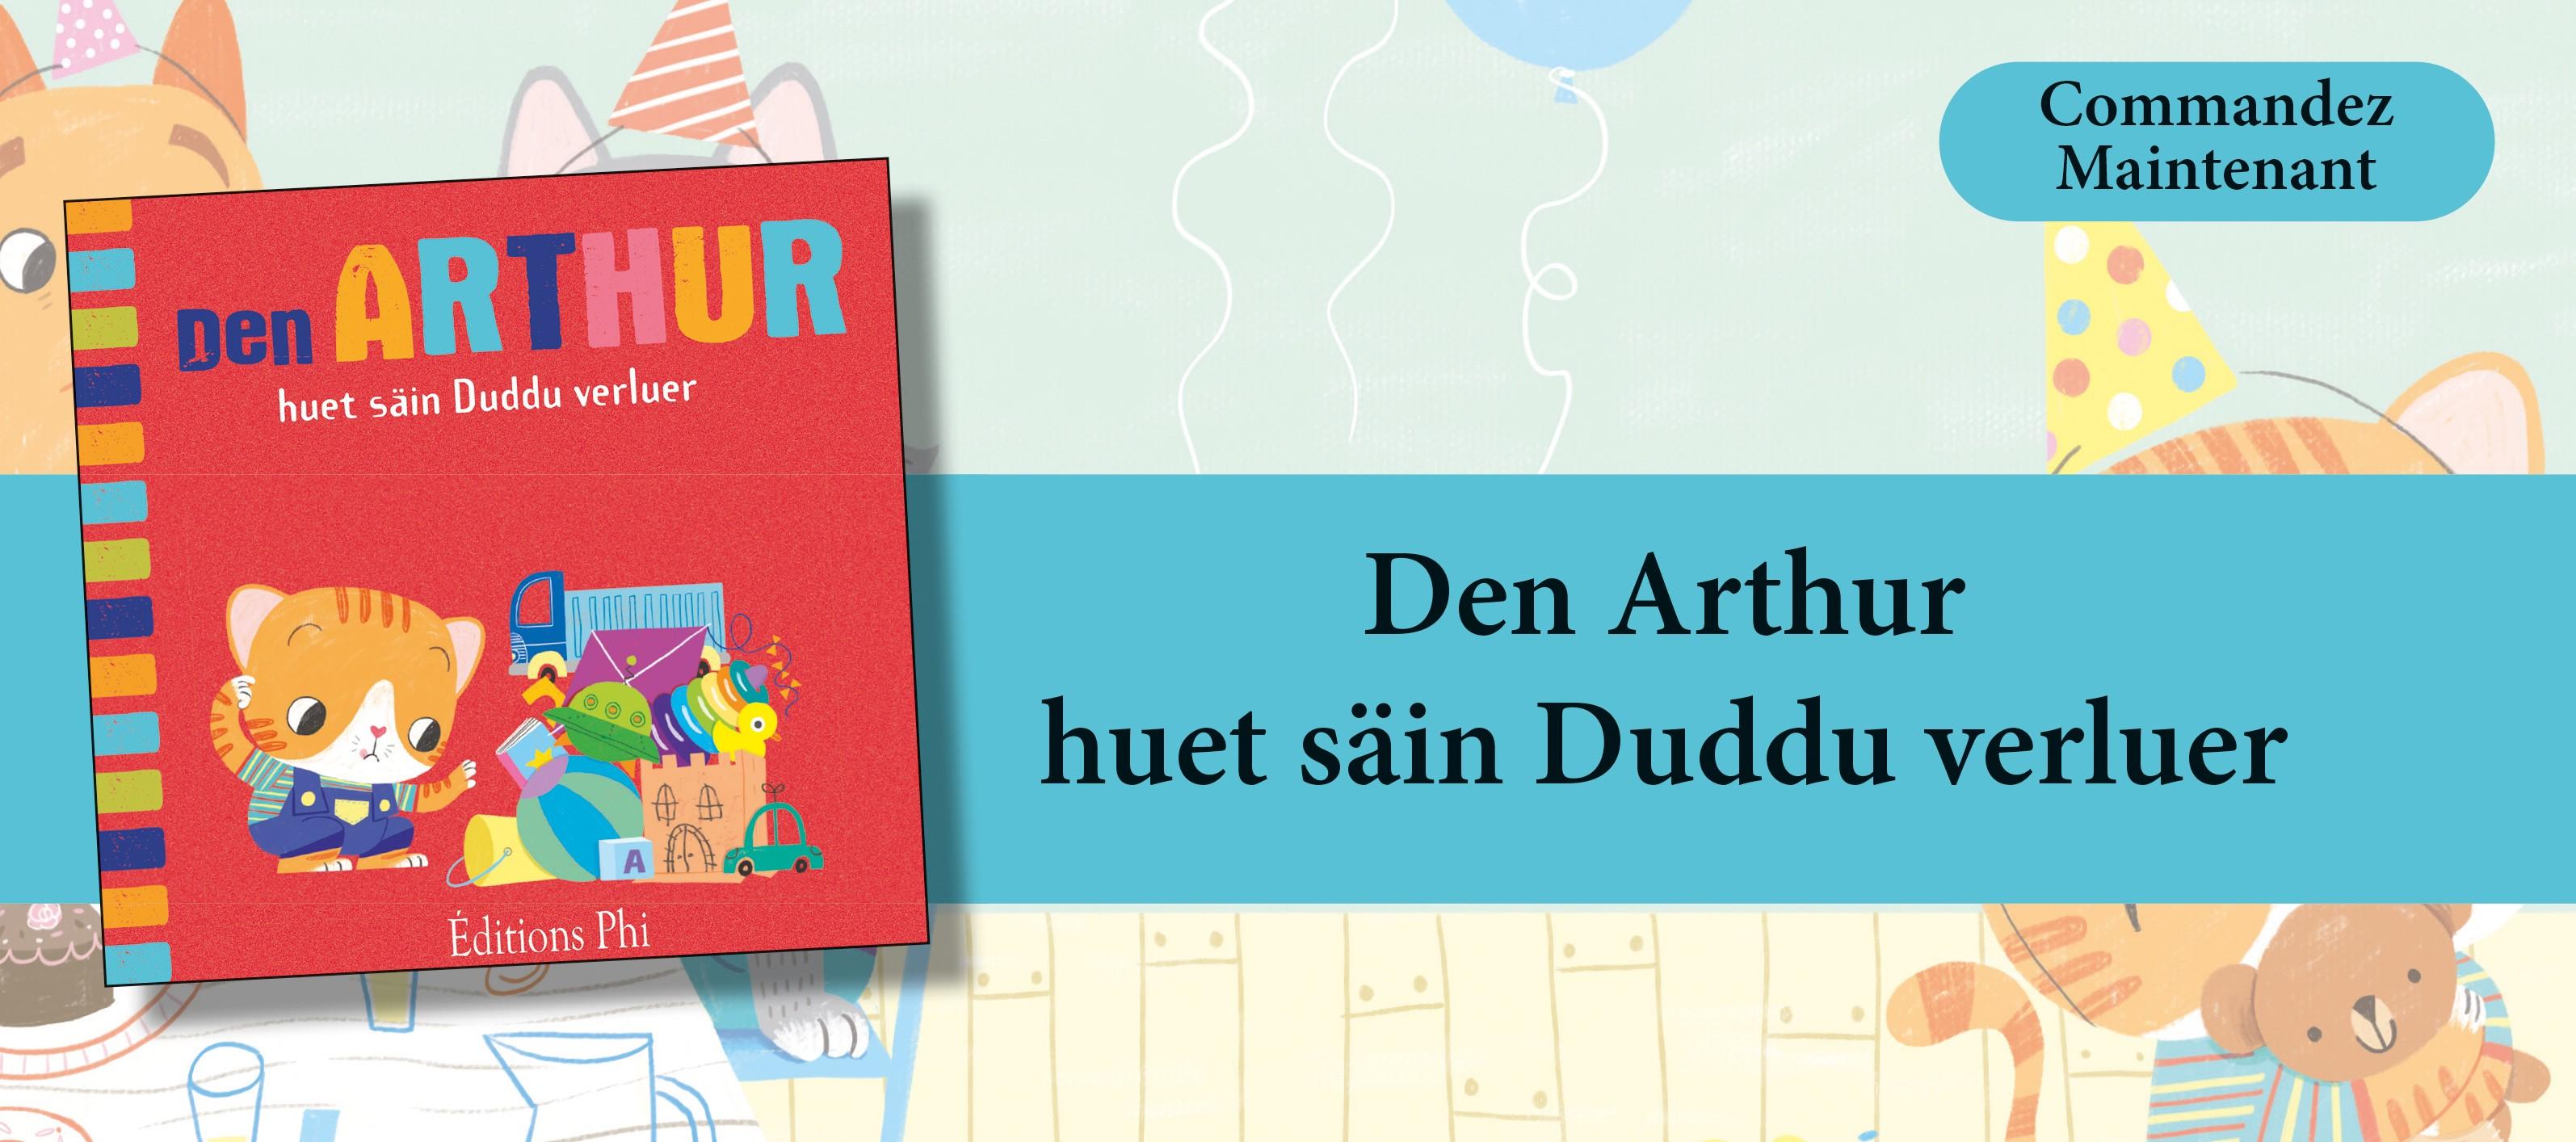 http://www.editionsphi.lu/fr/jeunesse/481-den-arthur-huet-sain-duddu-verluer.html